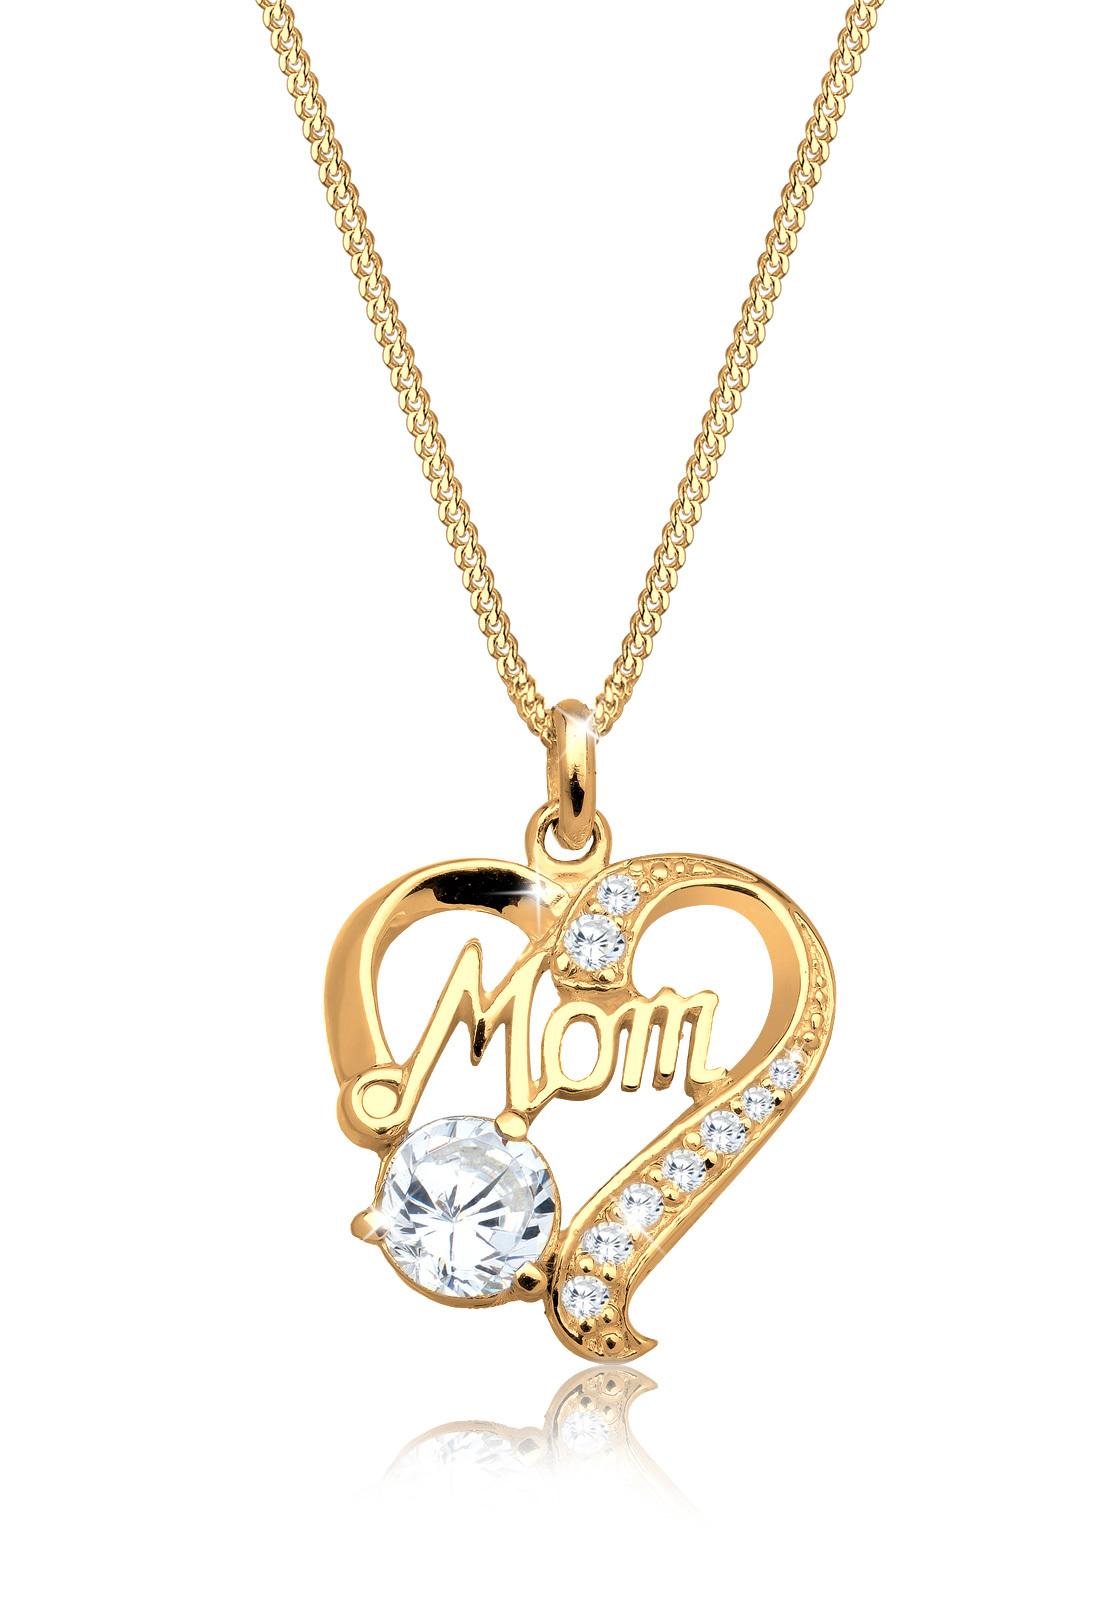 Halskette Herz   Zirkonia ( Weiß )   925 Sterling Silber vergoldet